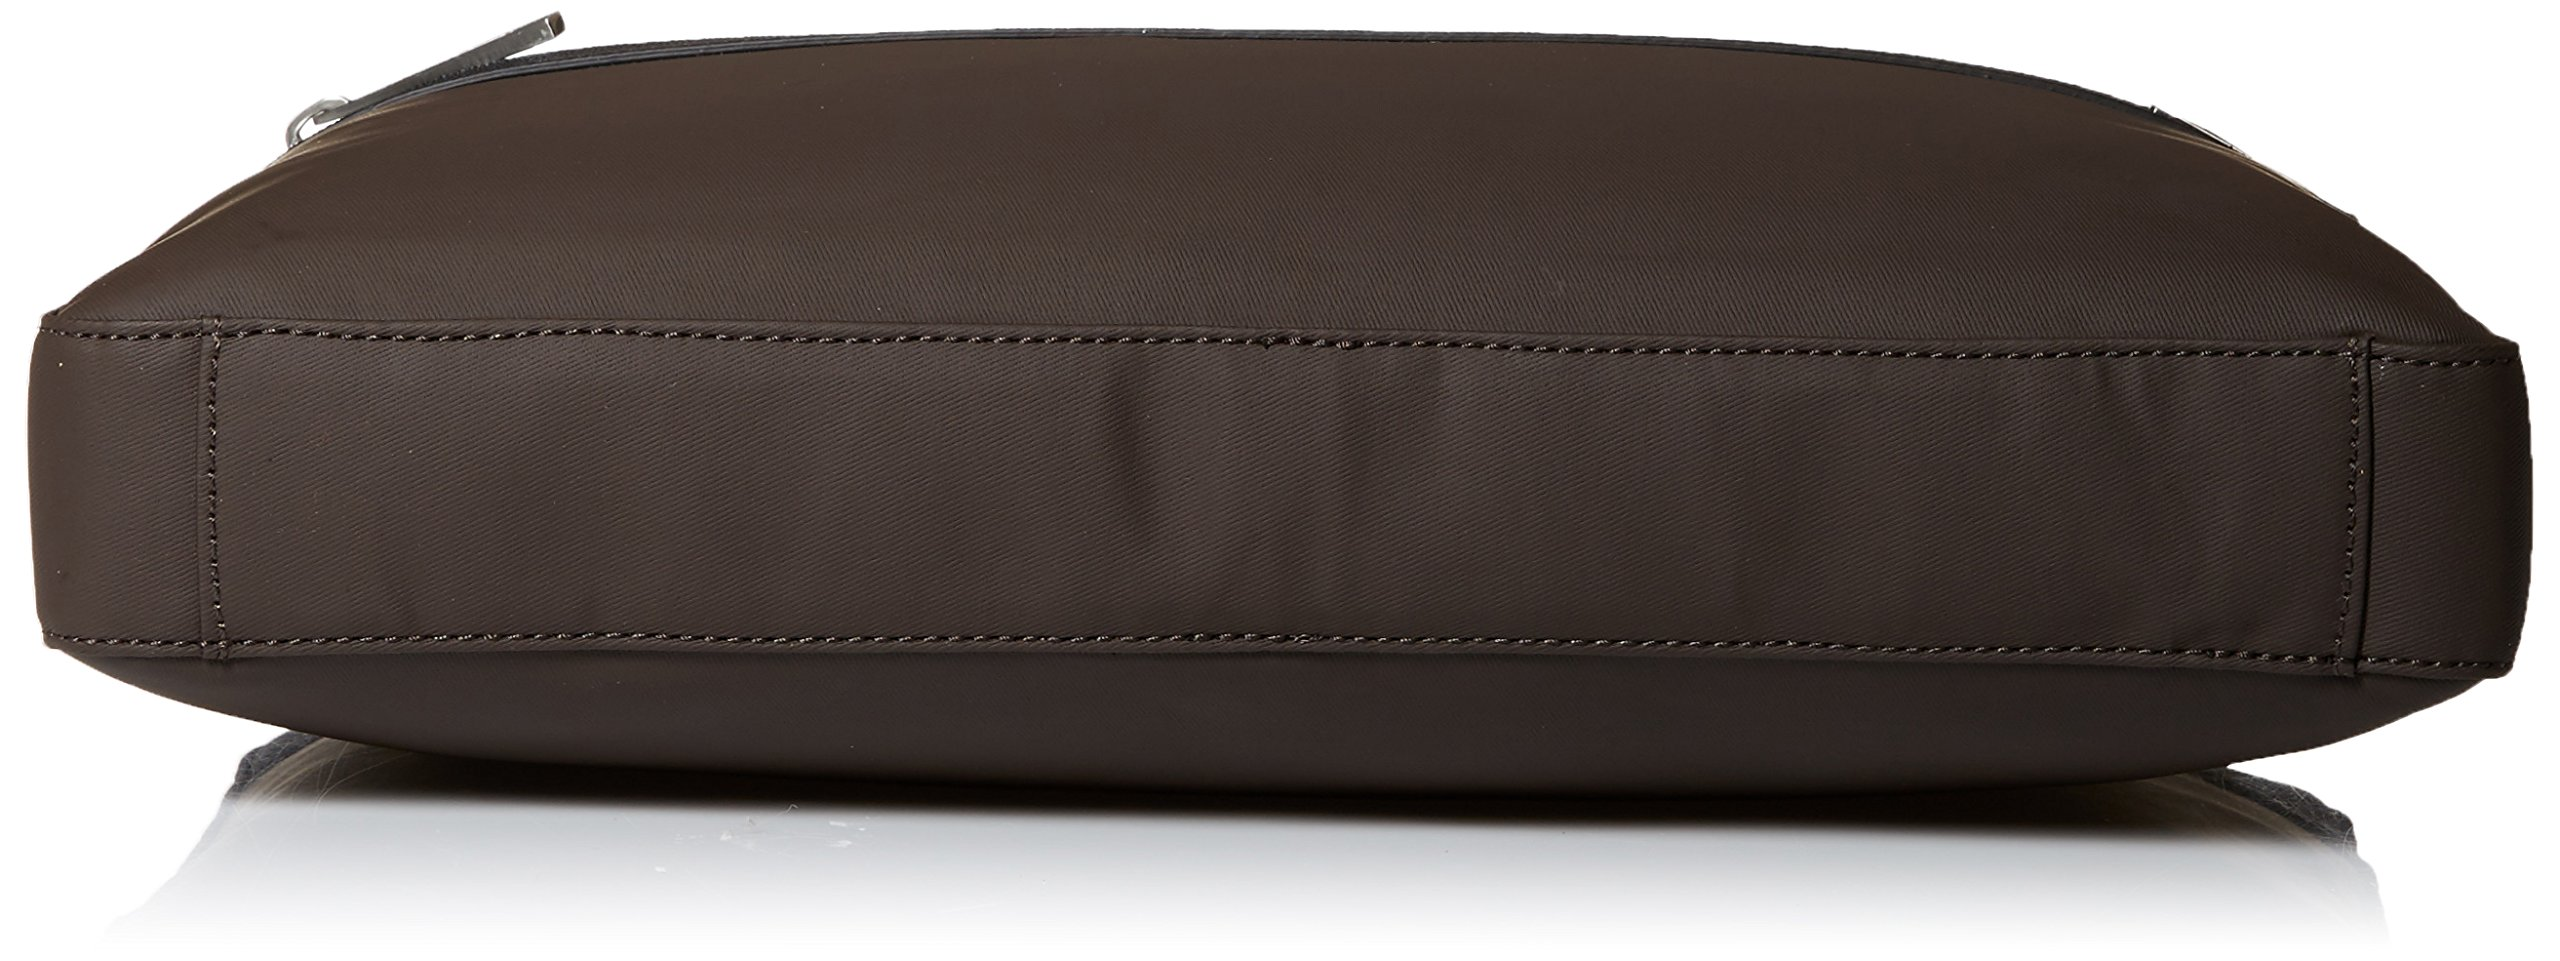 Calvin Klein Men's Nylon with Saffiano Trim Slim Attache, Dark Chocolate Brown by Calvin Klein (Image #4)